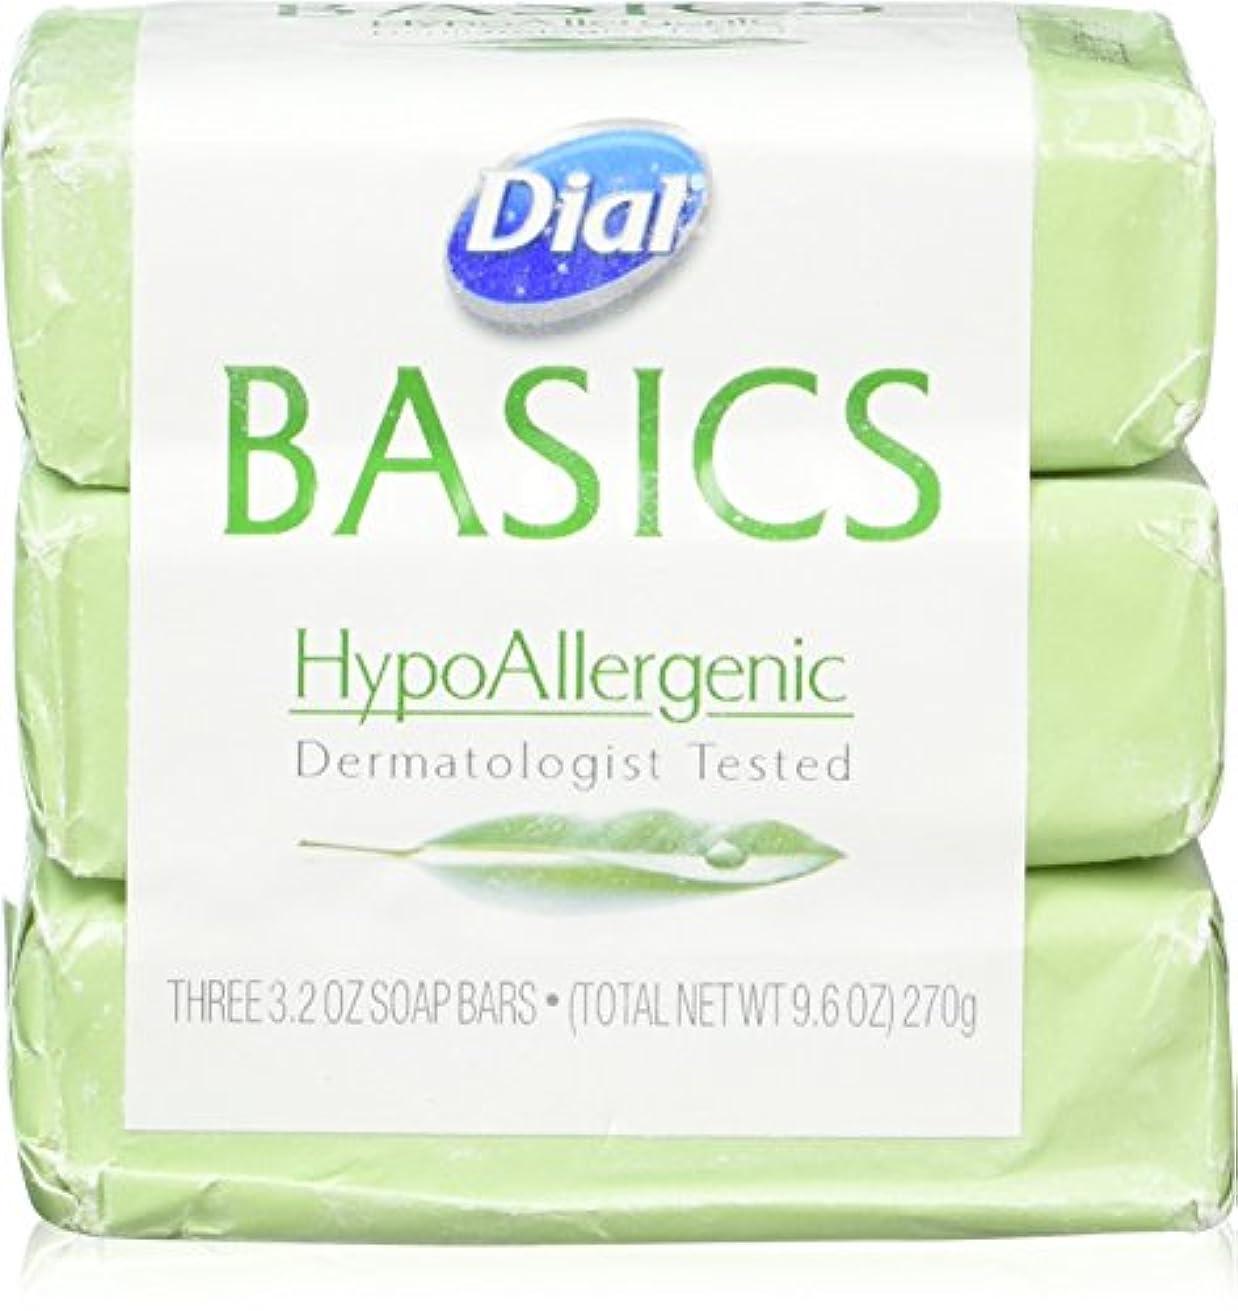 プレビスサイト歌うデマンドDial Basics HypoAllergenic Dermatologist Tested Bar Soap, 3.2 oz (12 Bars) by Basics